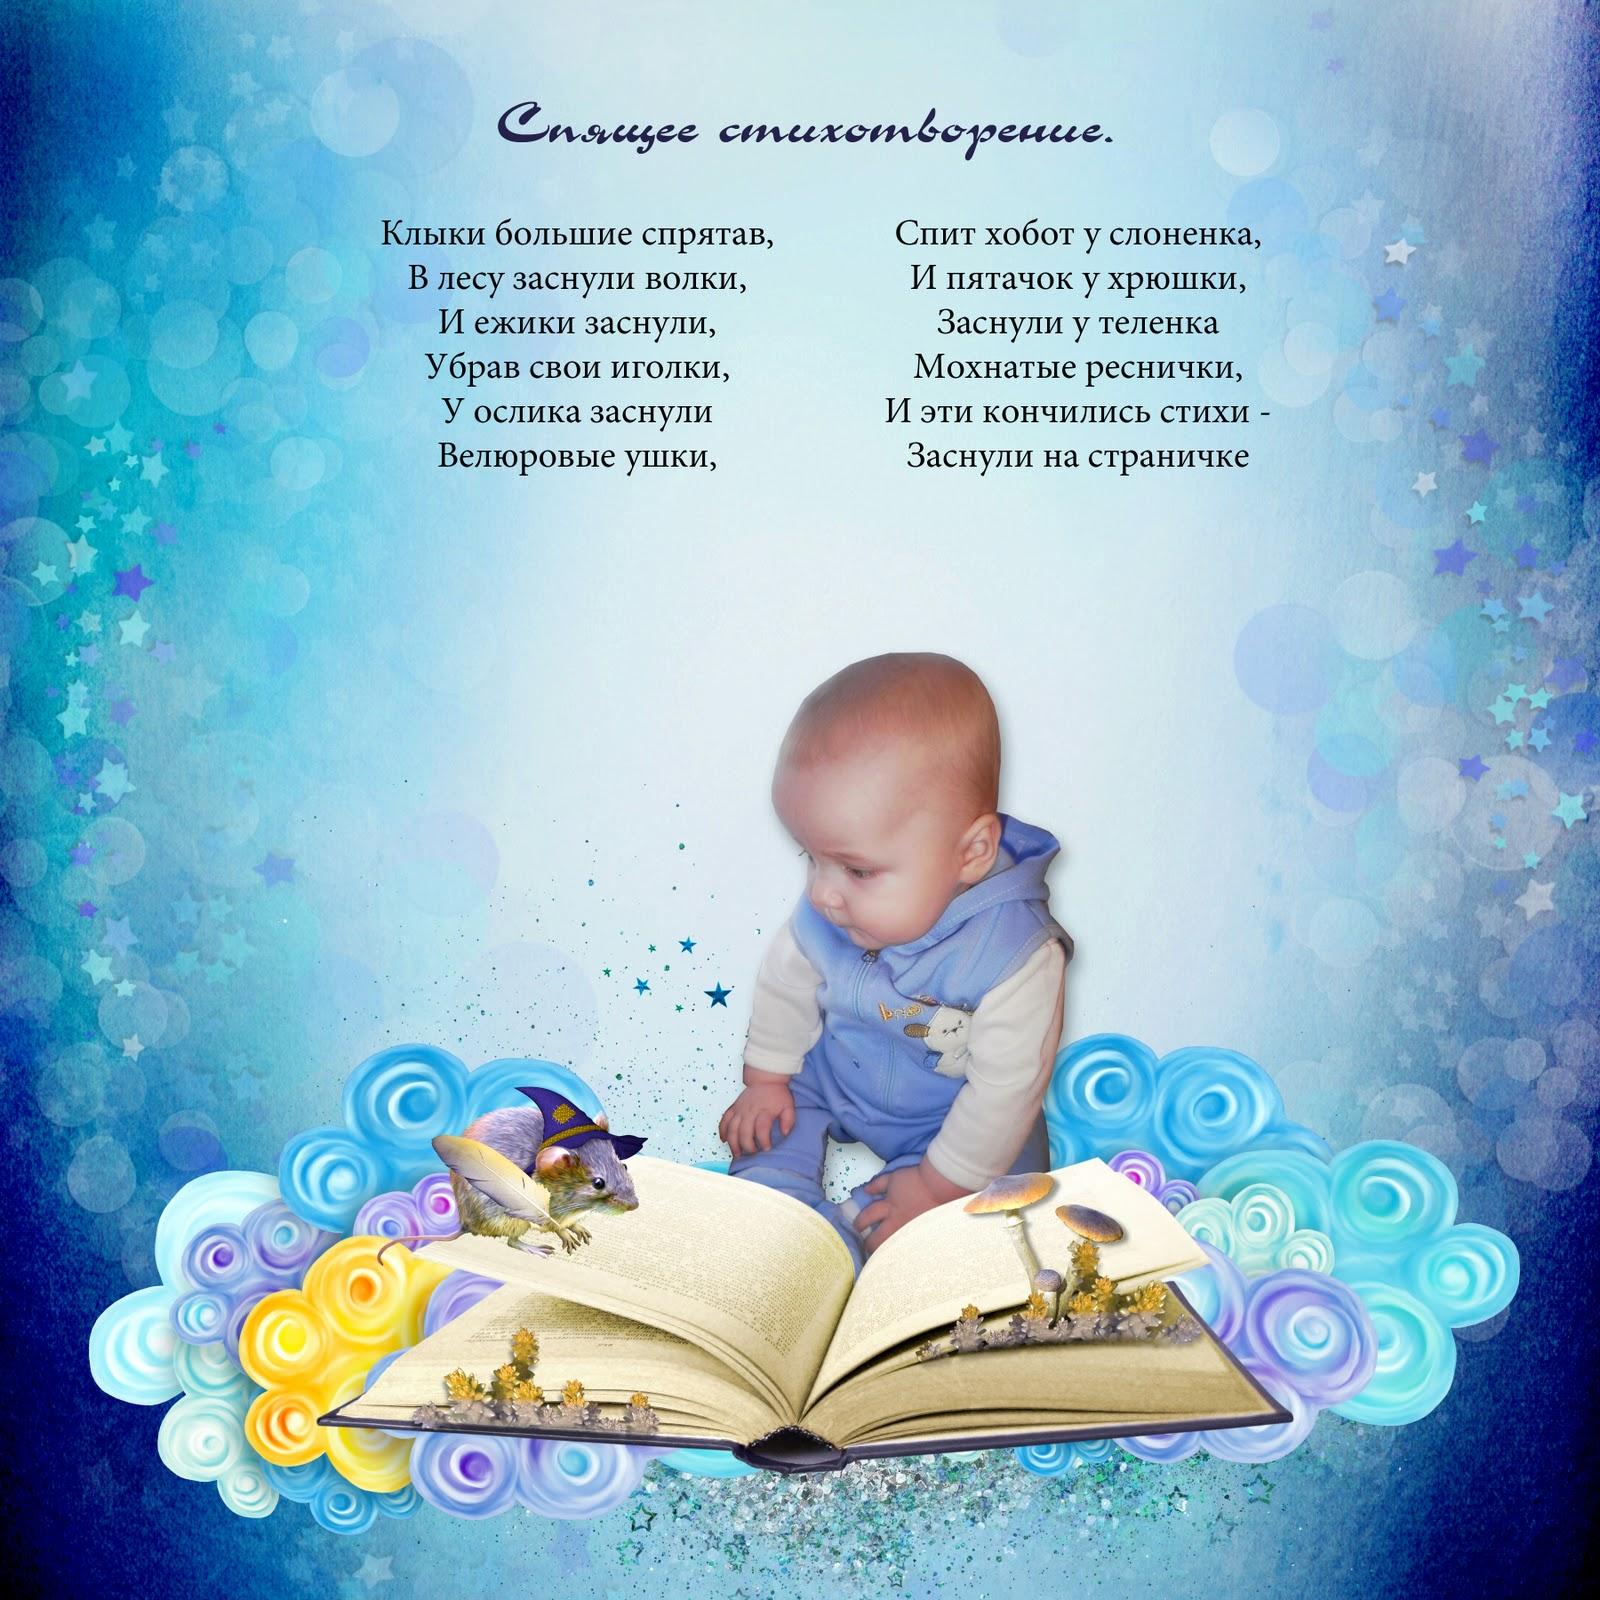 Мечты сбываются стихи красивые короткие первой